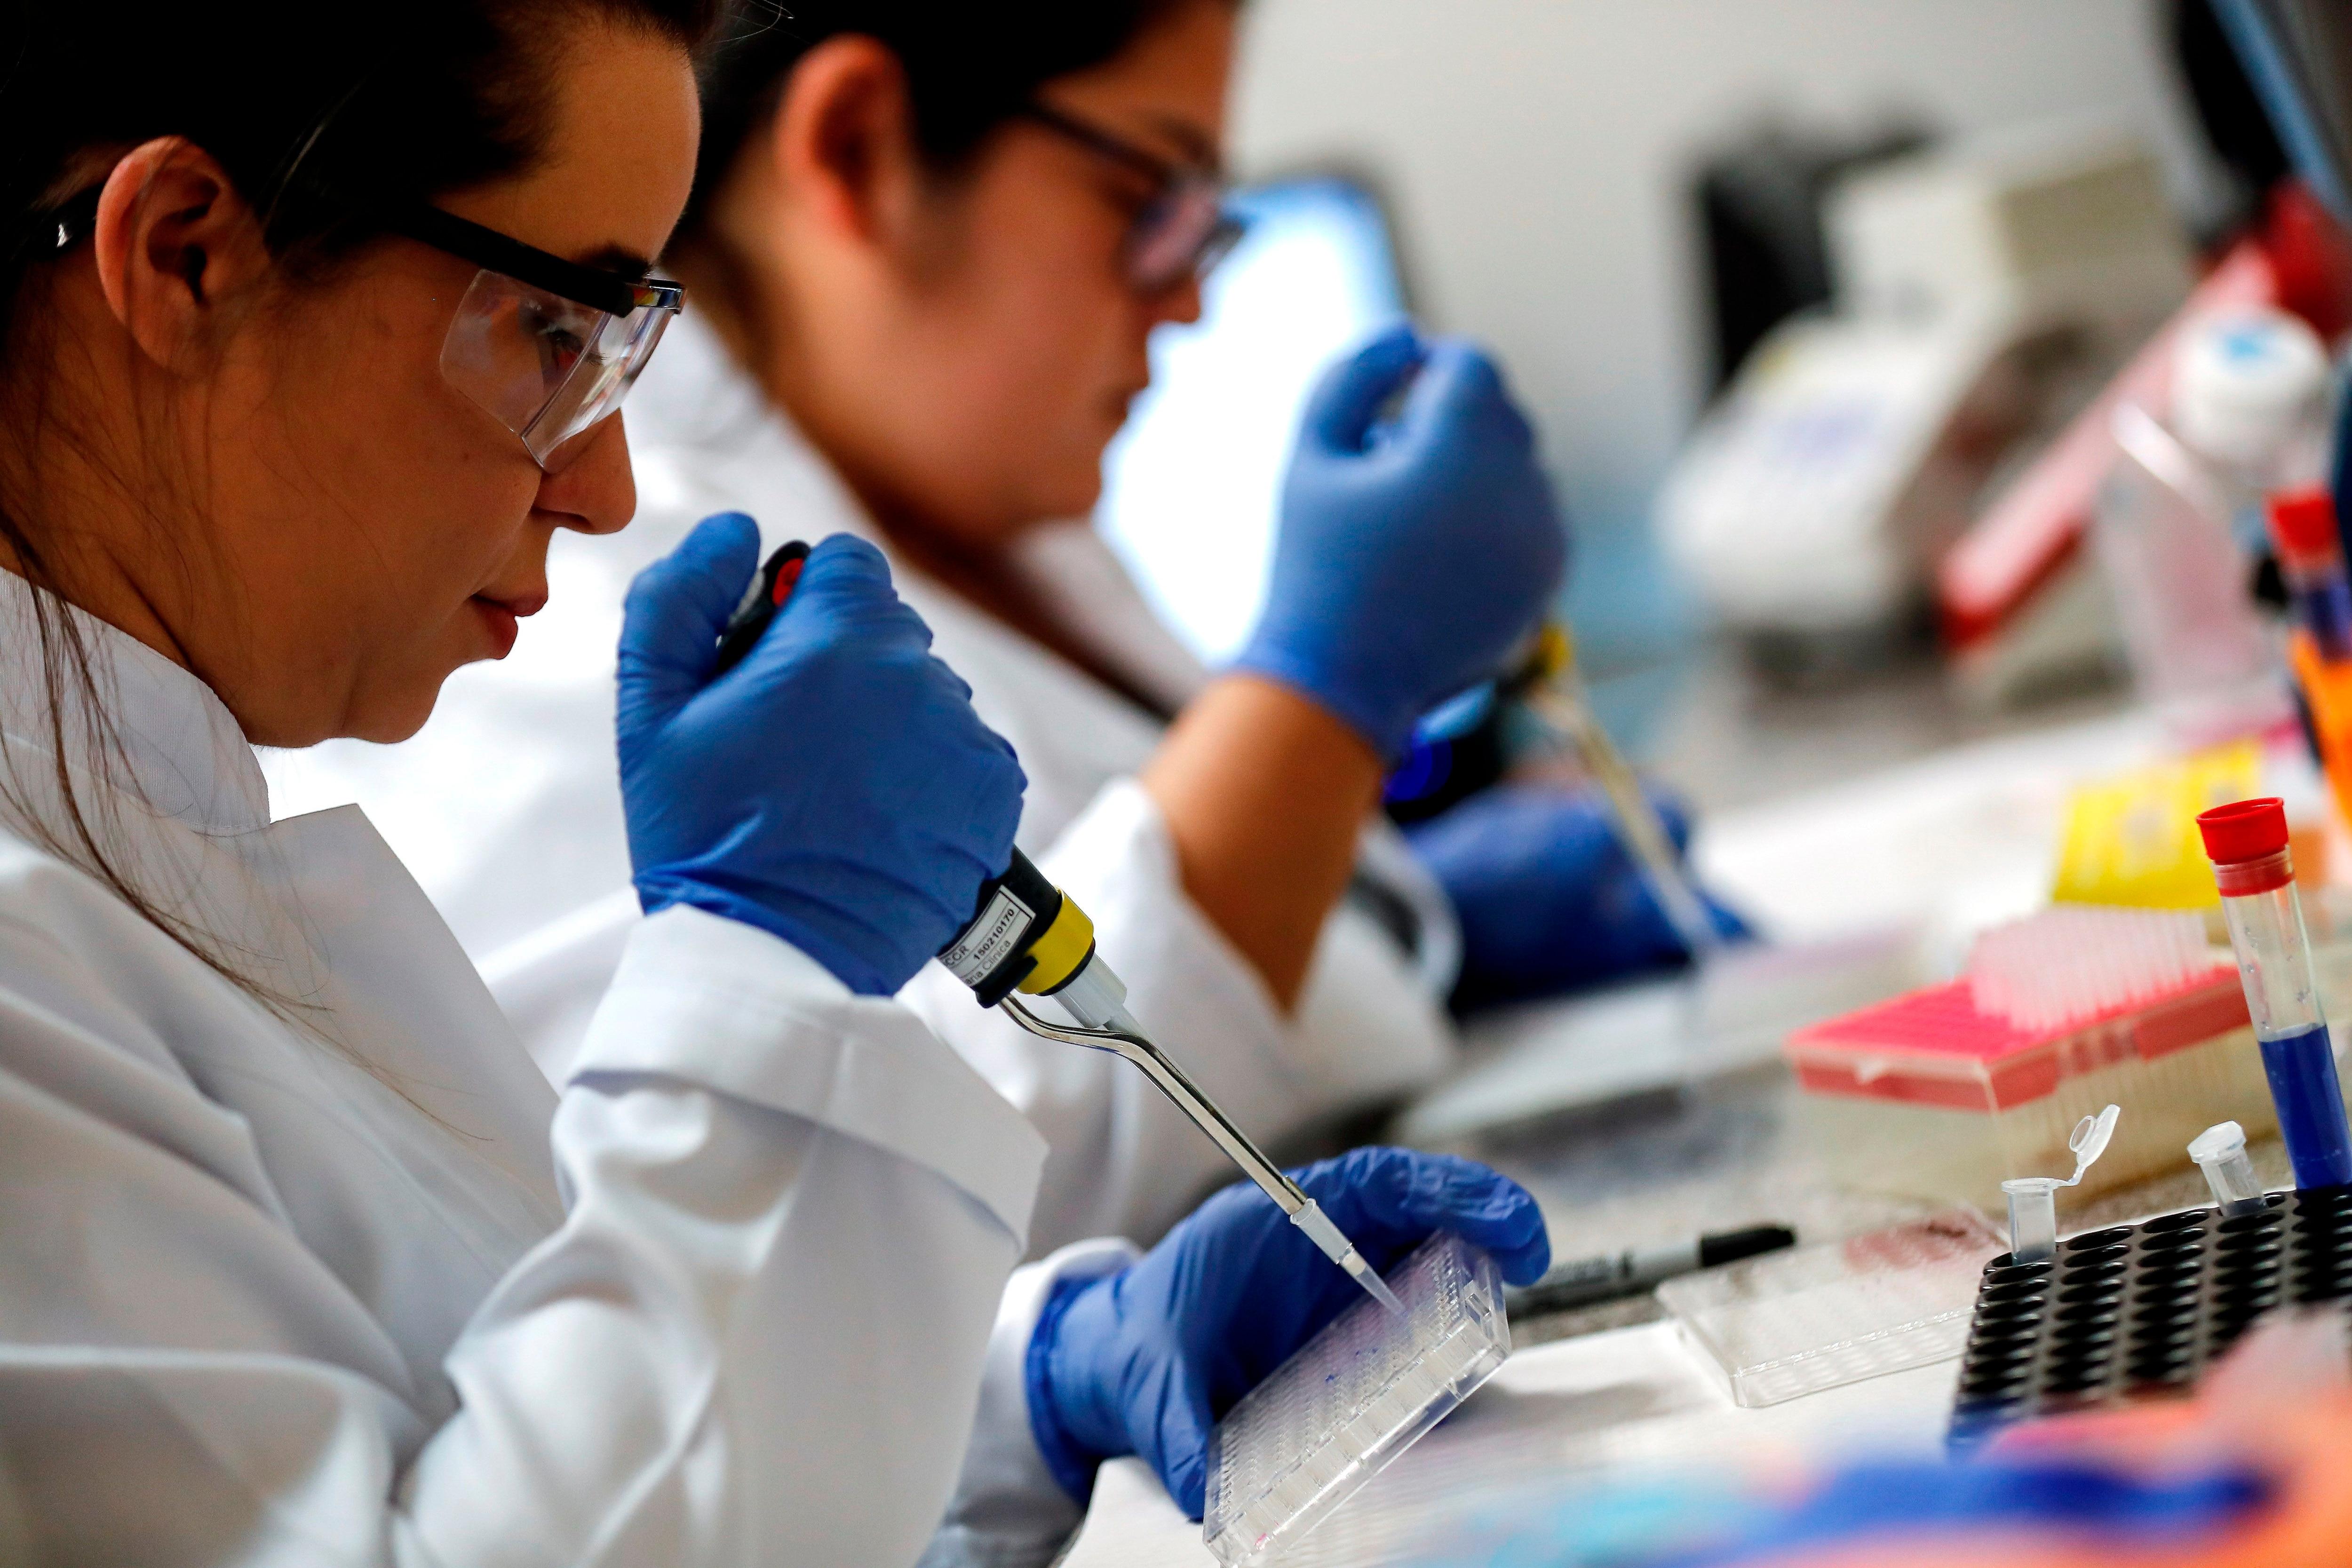 La dependencia sanitaria señaló que se trata de un proceso que tiene el objetivo de poder acceder a la vacuna con la mayor rapidez posible (Foto: EFE)